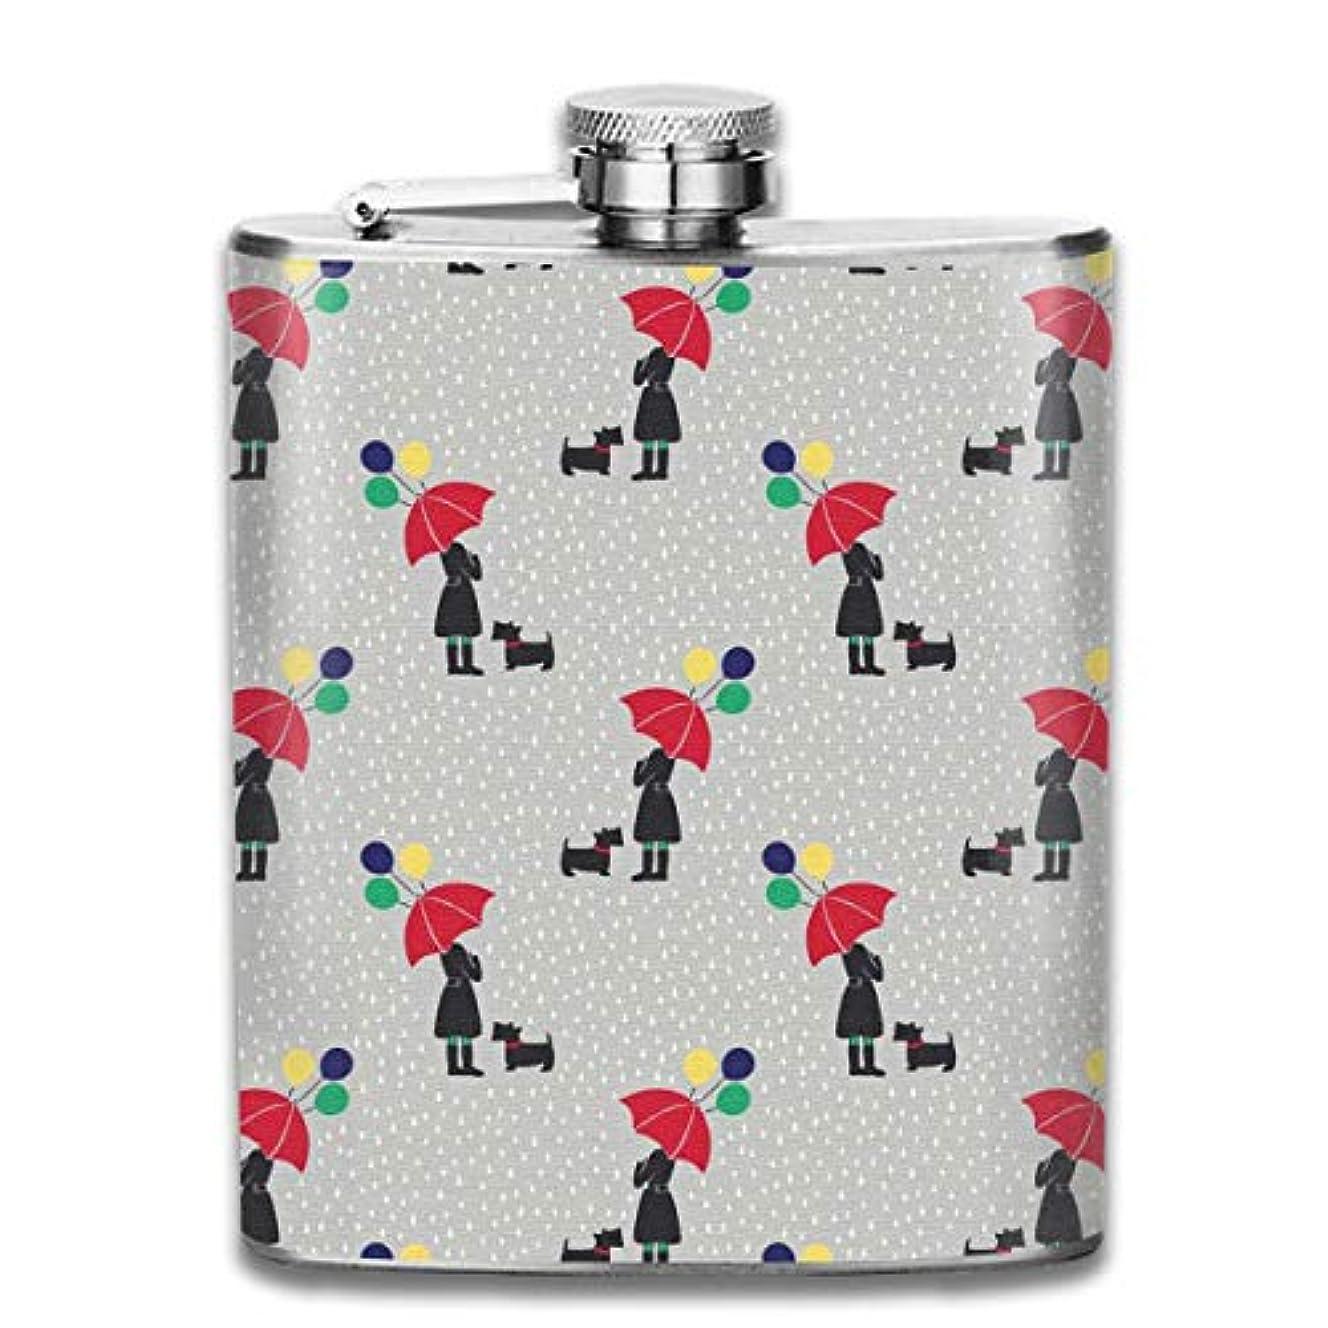 ピンチパスポート分類女の子と犬 雨フラスコ スキットル ヒップフラスコ 7オンス 206ml 高品質ステンレス製 ウイスキー アルコール 清酒 携帯 ボトル